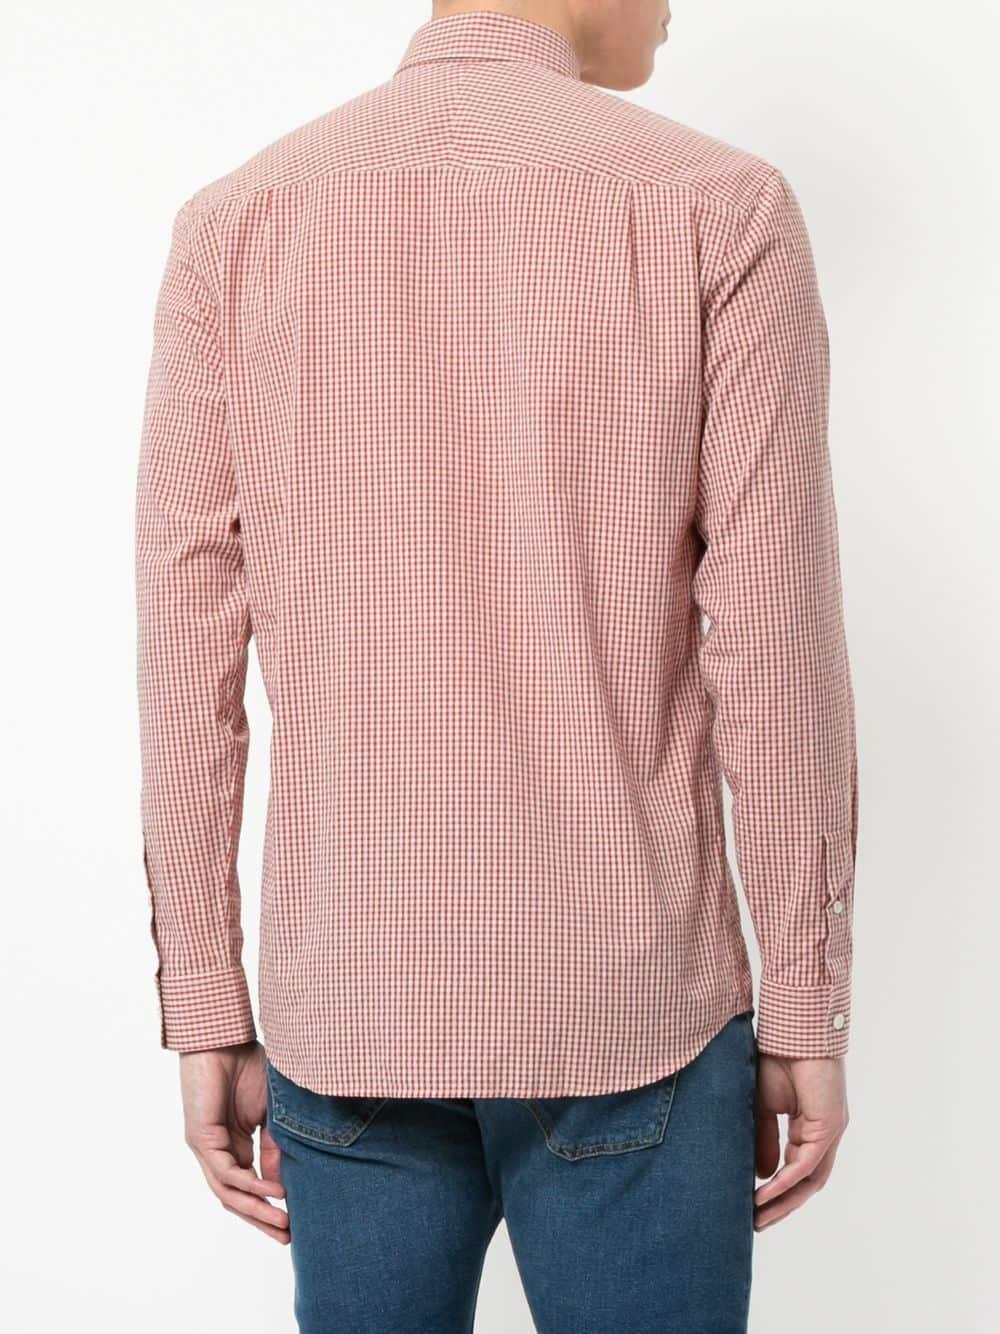 Gieves & Hawkes Katoen Geruit Button-down Overhemd in het Rood voor heren